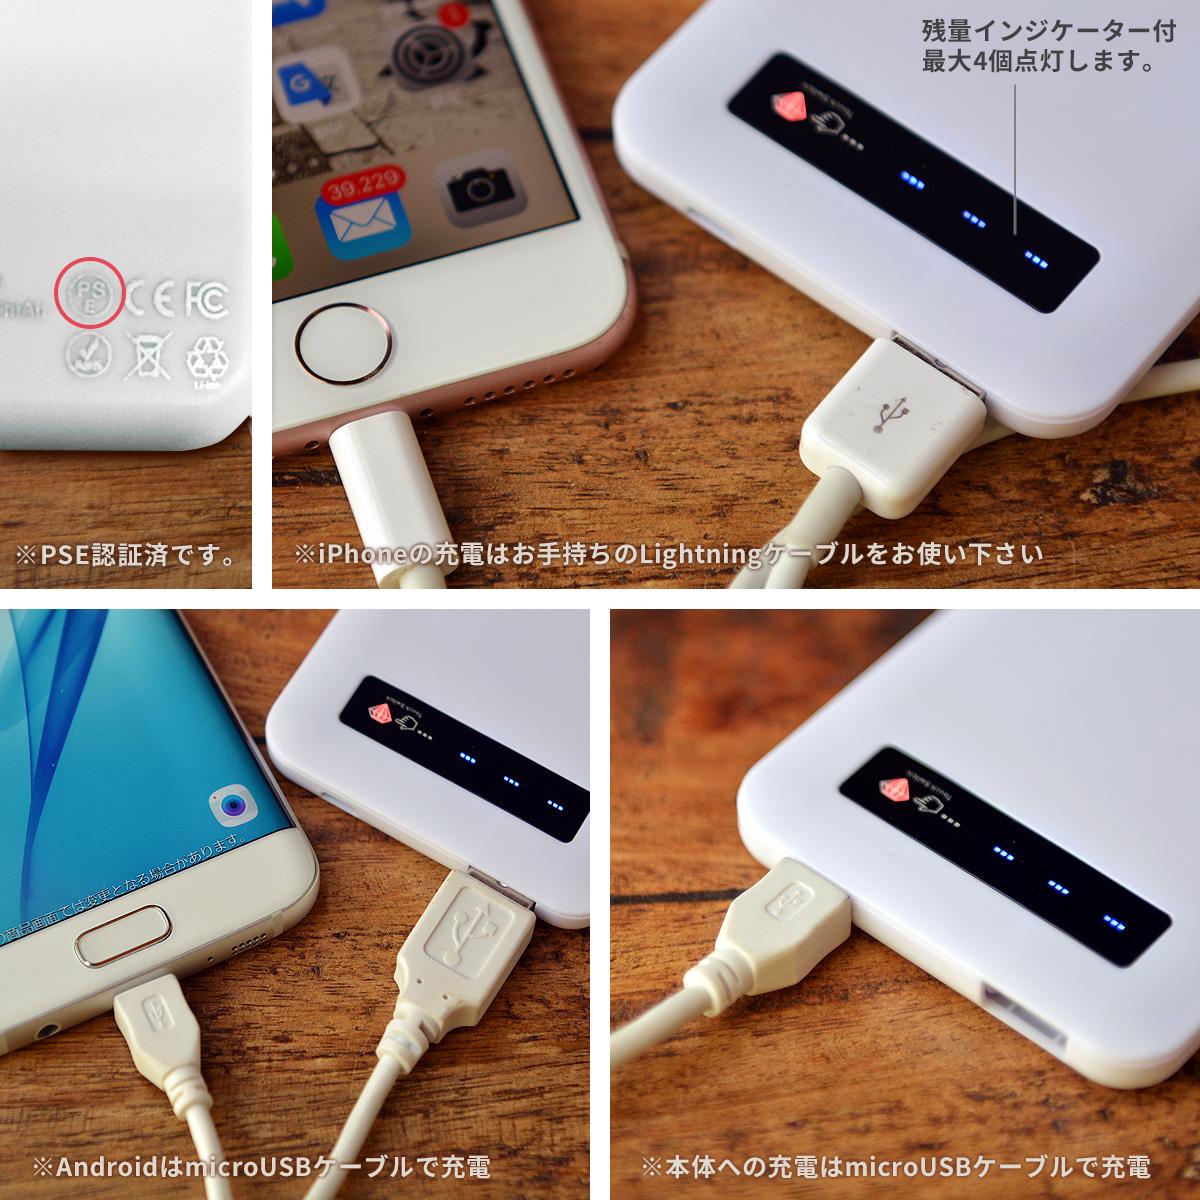 モバイルバッテリーの使用方法